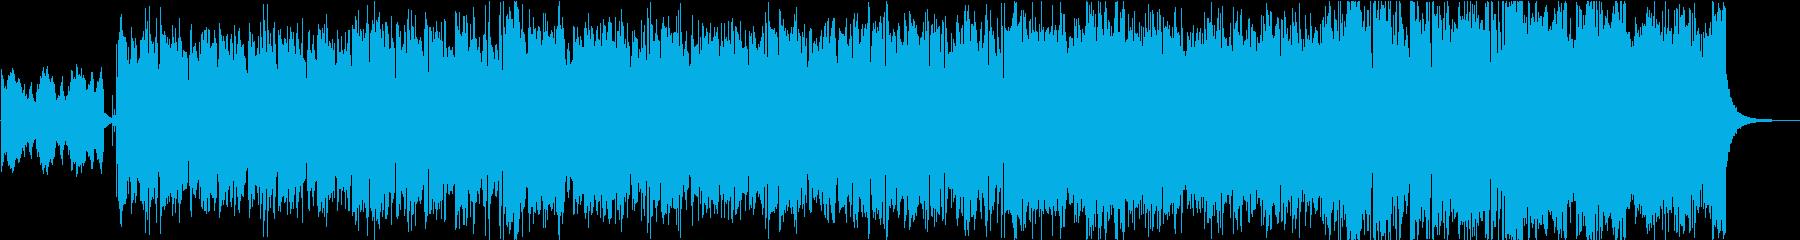 かっこいい・疾走感のあるケルト民族音楽の再生済みの波形